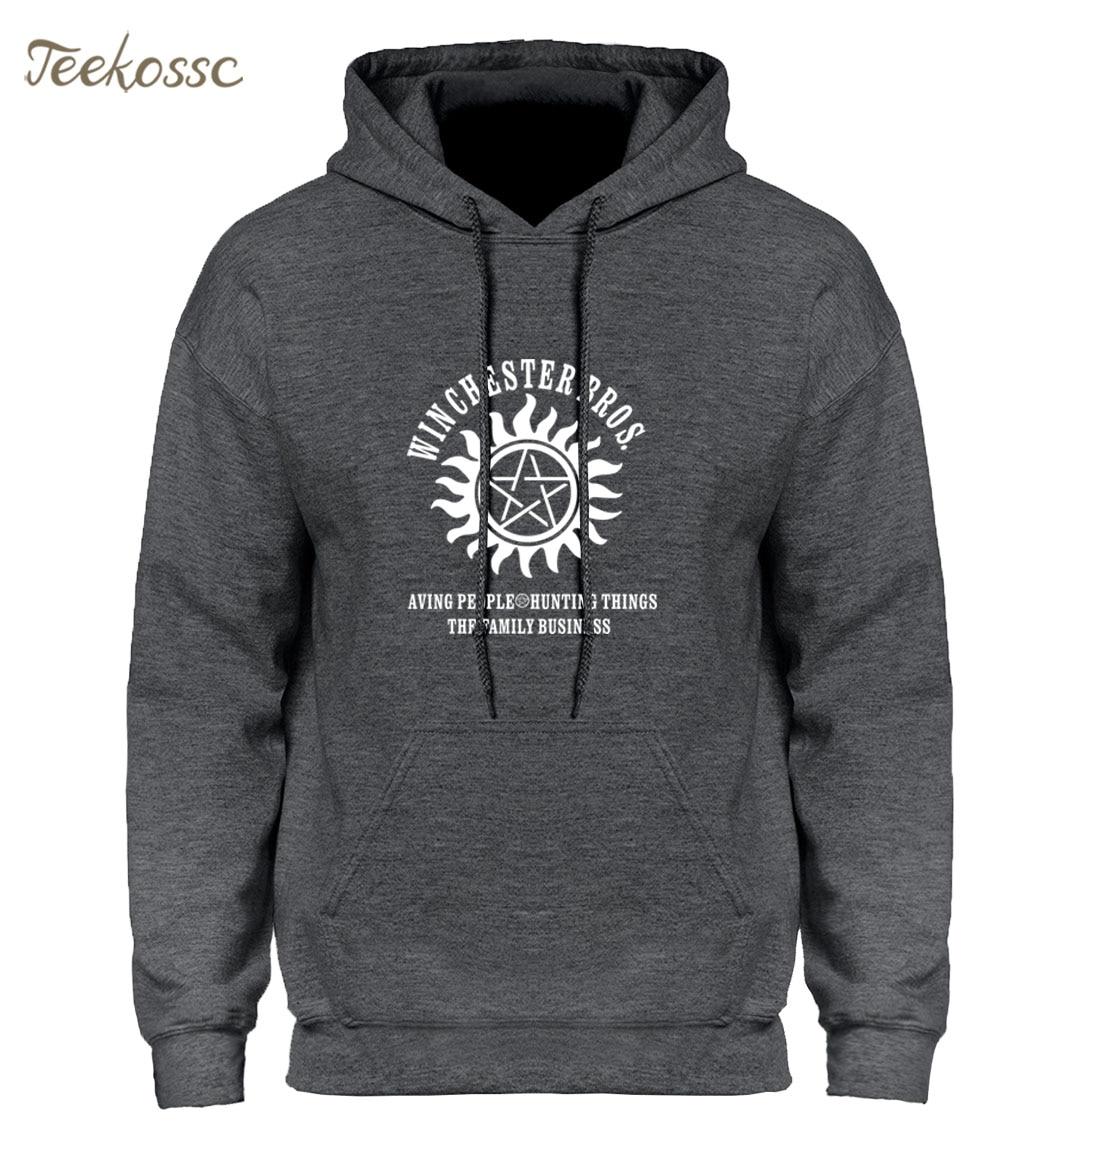 Supernatural Hoodie Men Winchester Bros Saving People Things Hoodies Mens 2018 Winter Autumn Print Gray Blue Hooded Sweatshirt